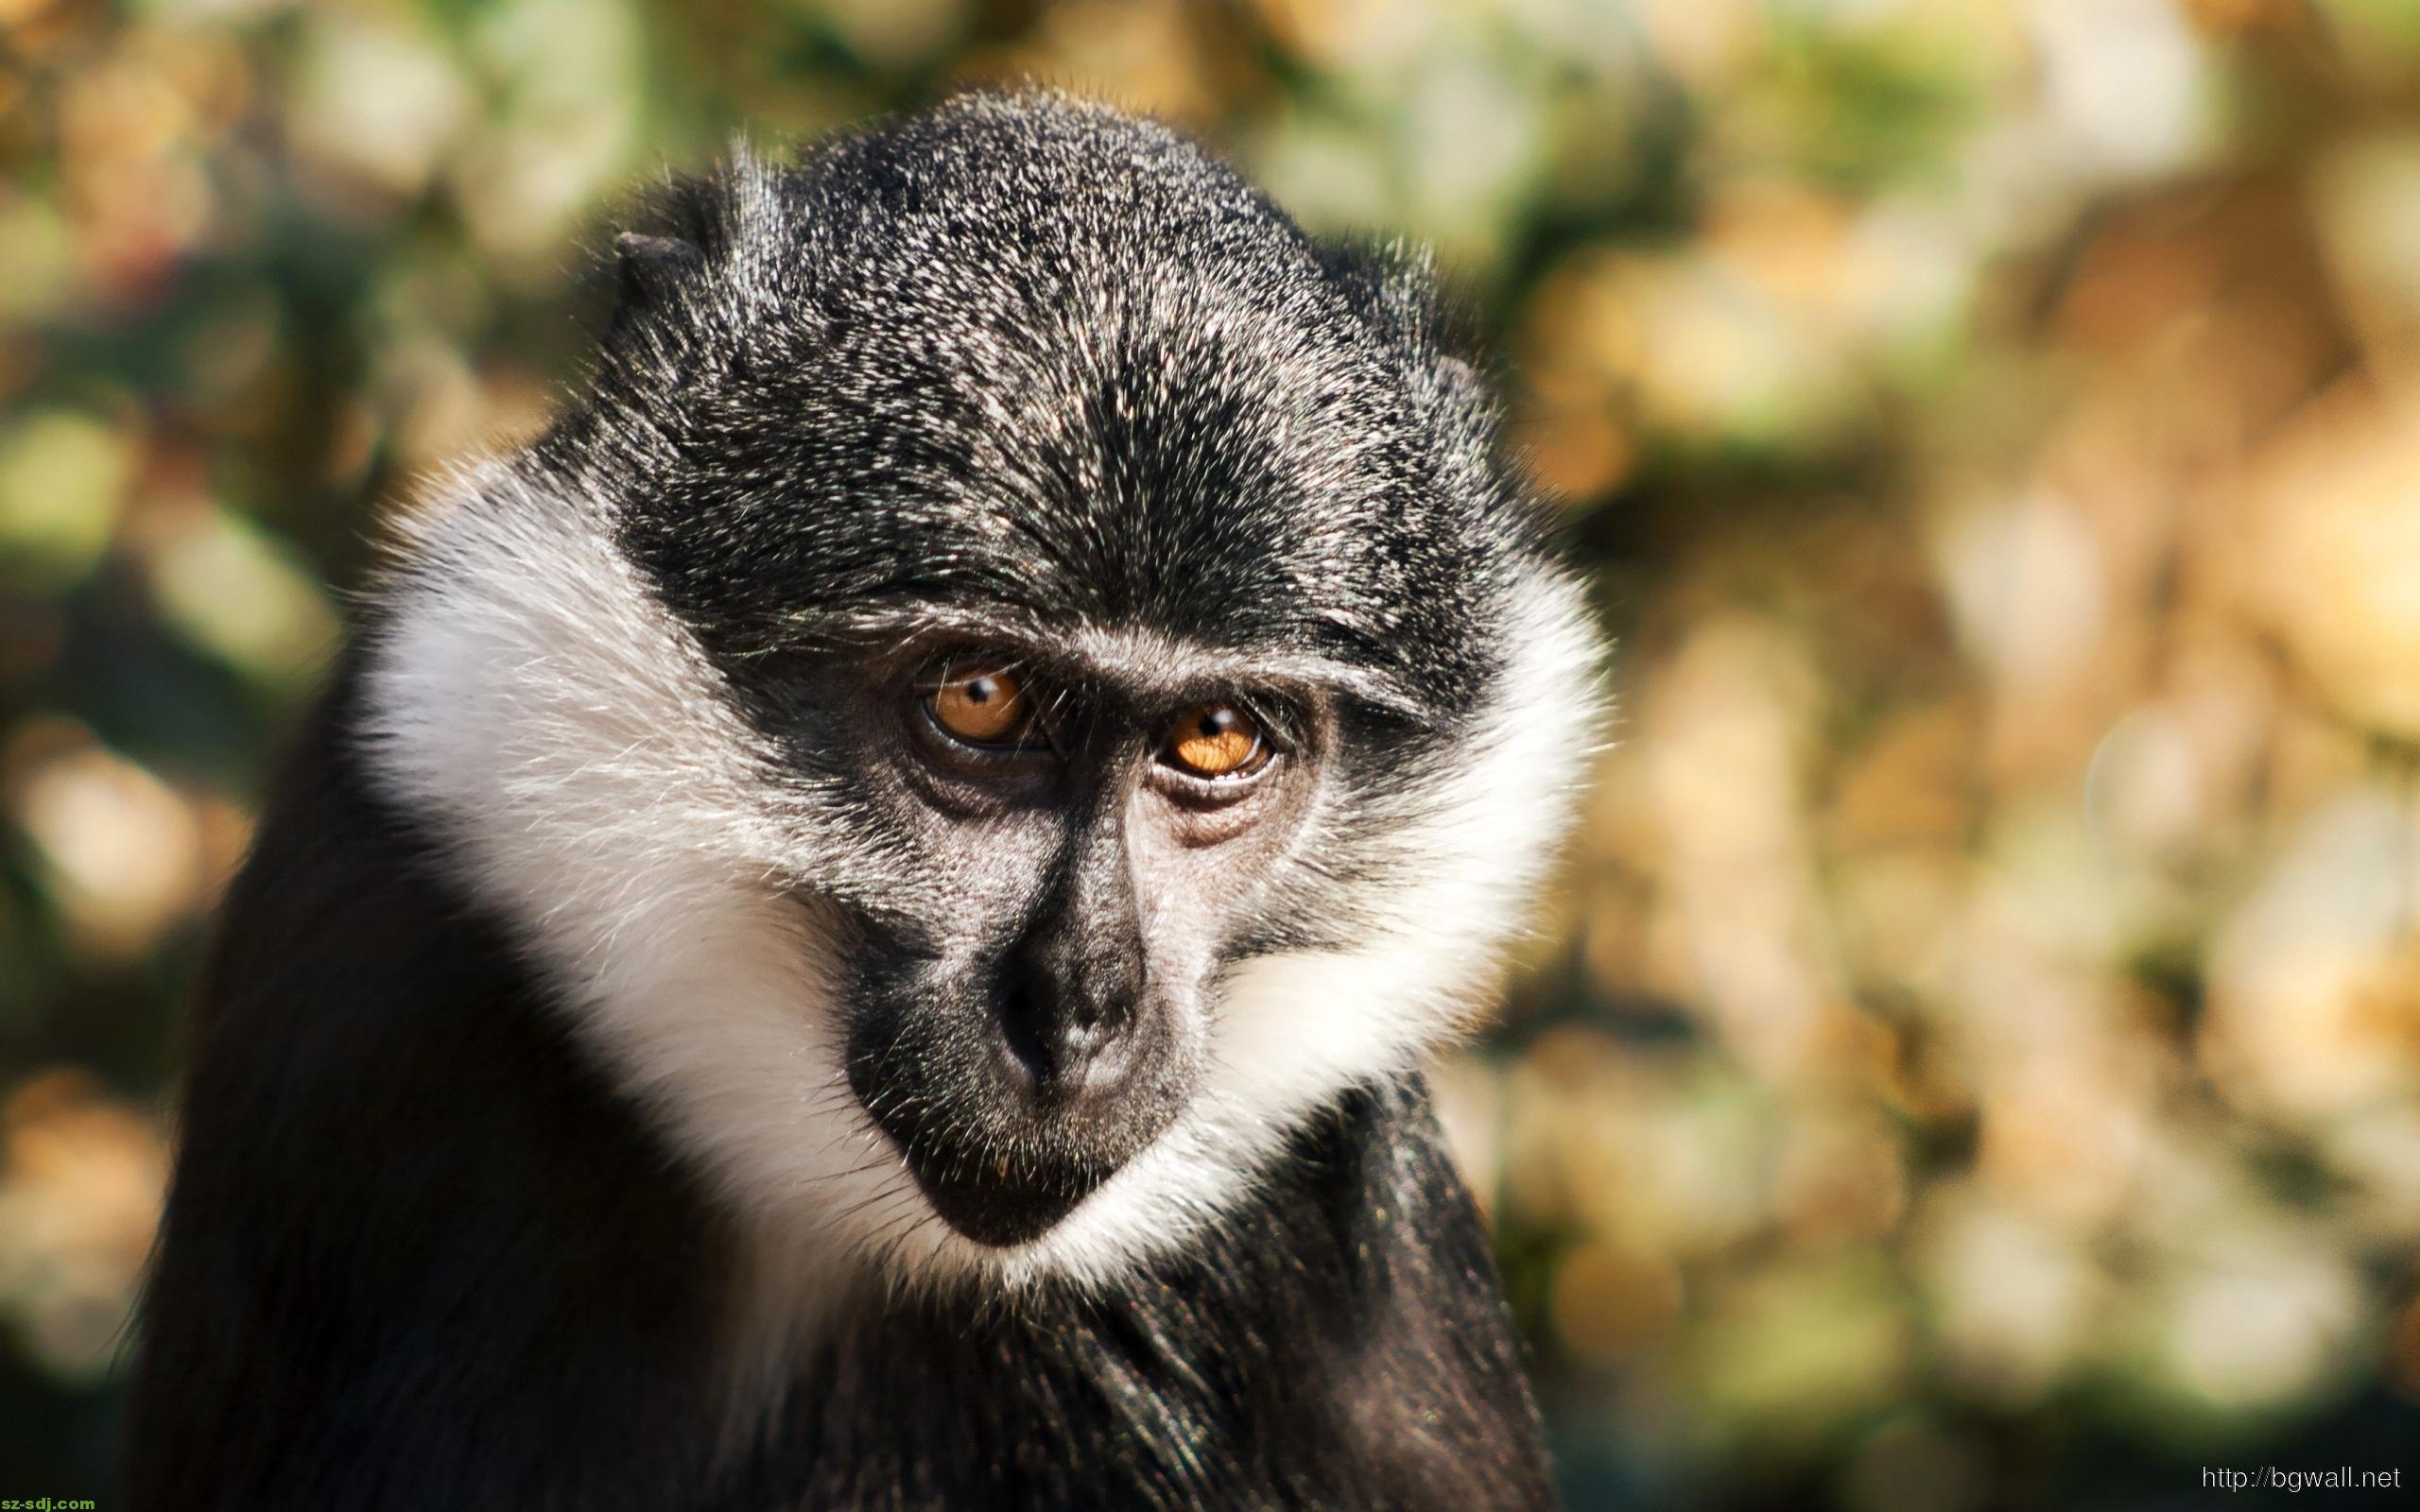 a-monkey-look-sad-wallpaper-computer